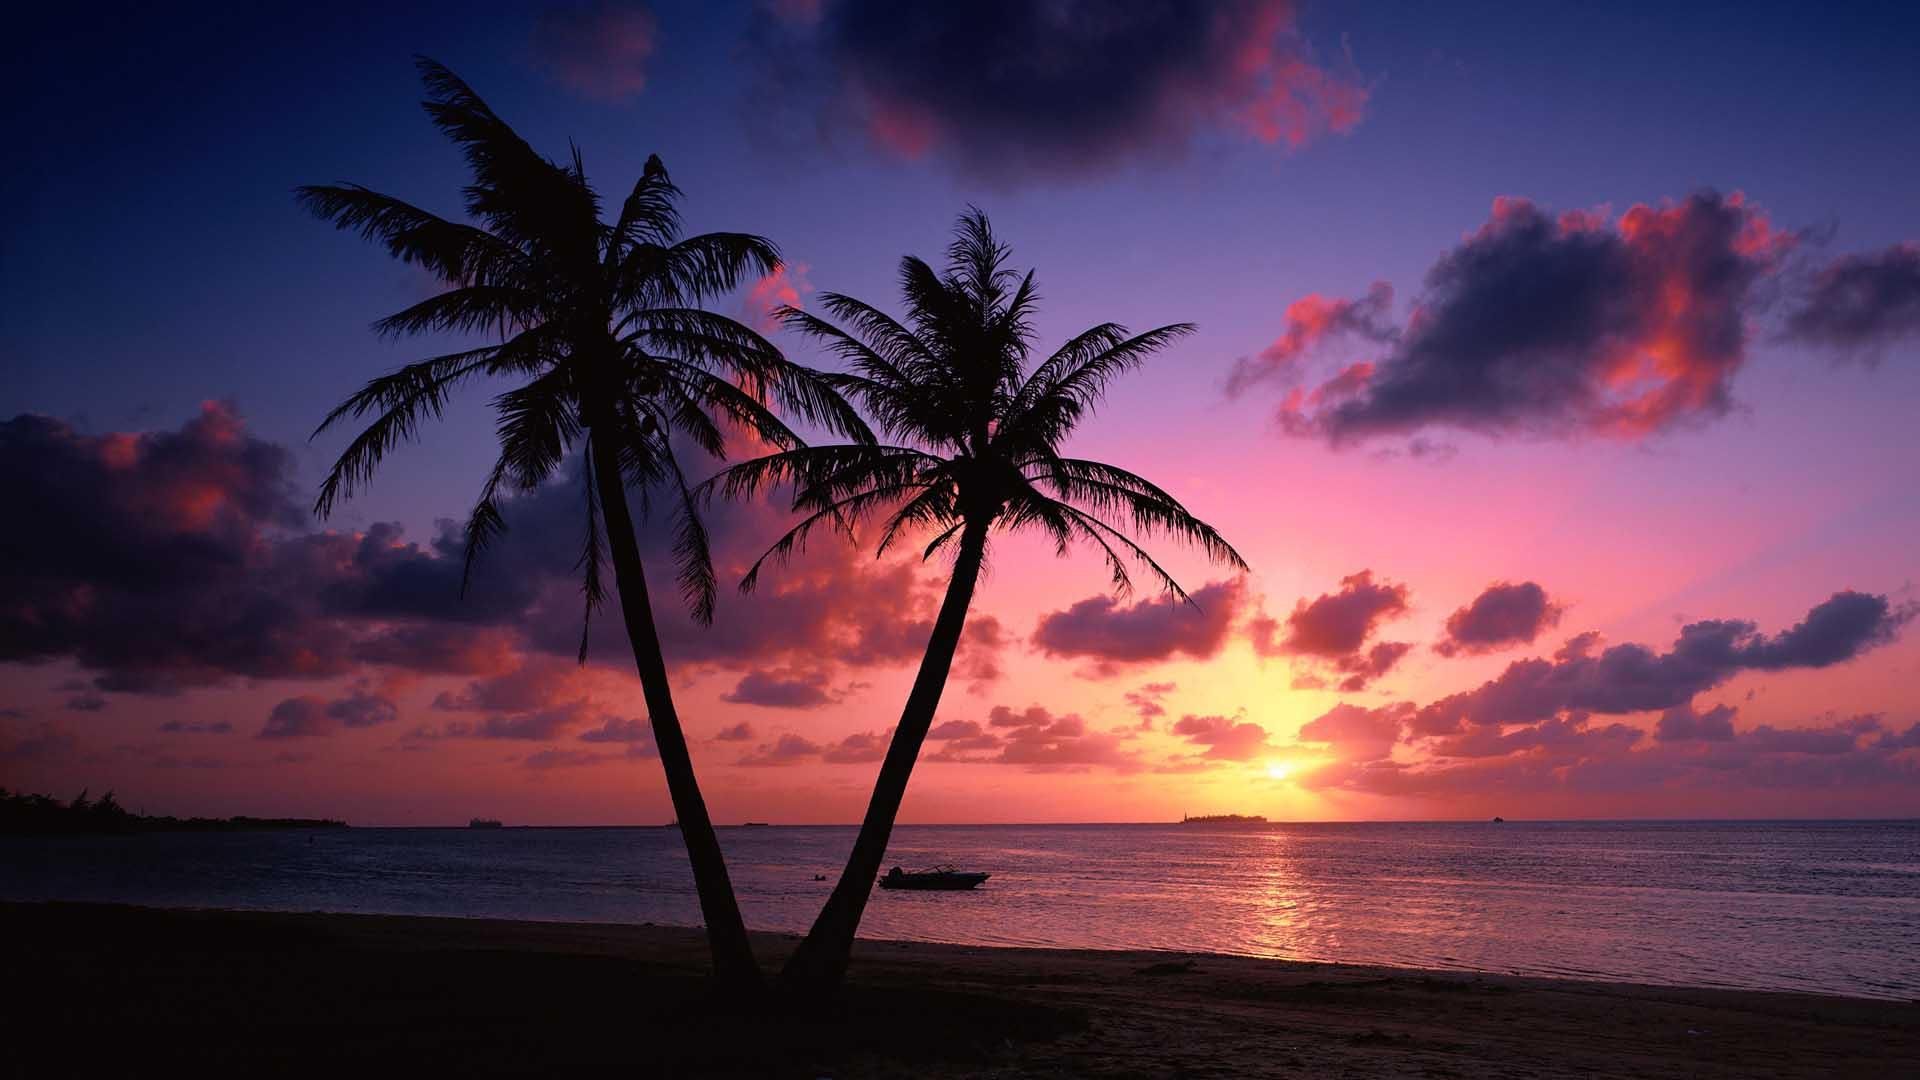 pink beach sunset wallpaper for desktop 14 hd wallpaperscom